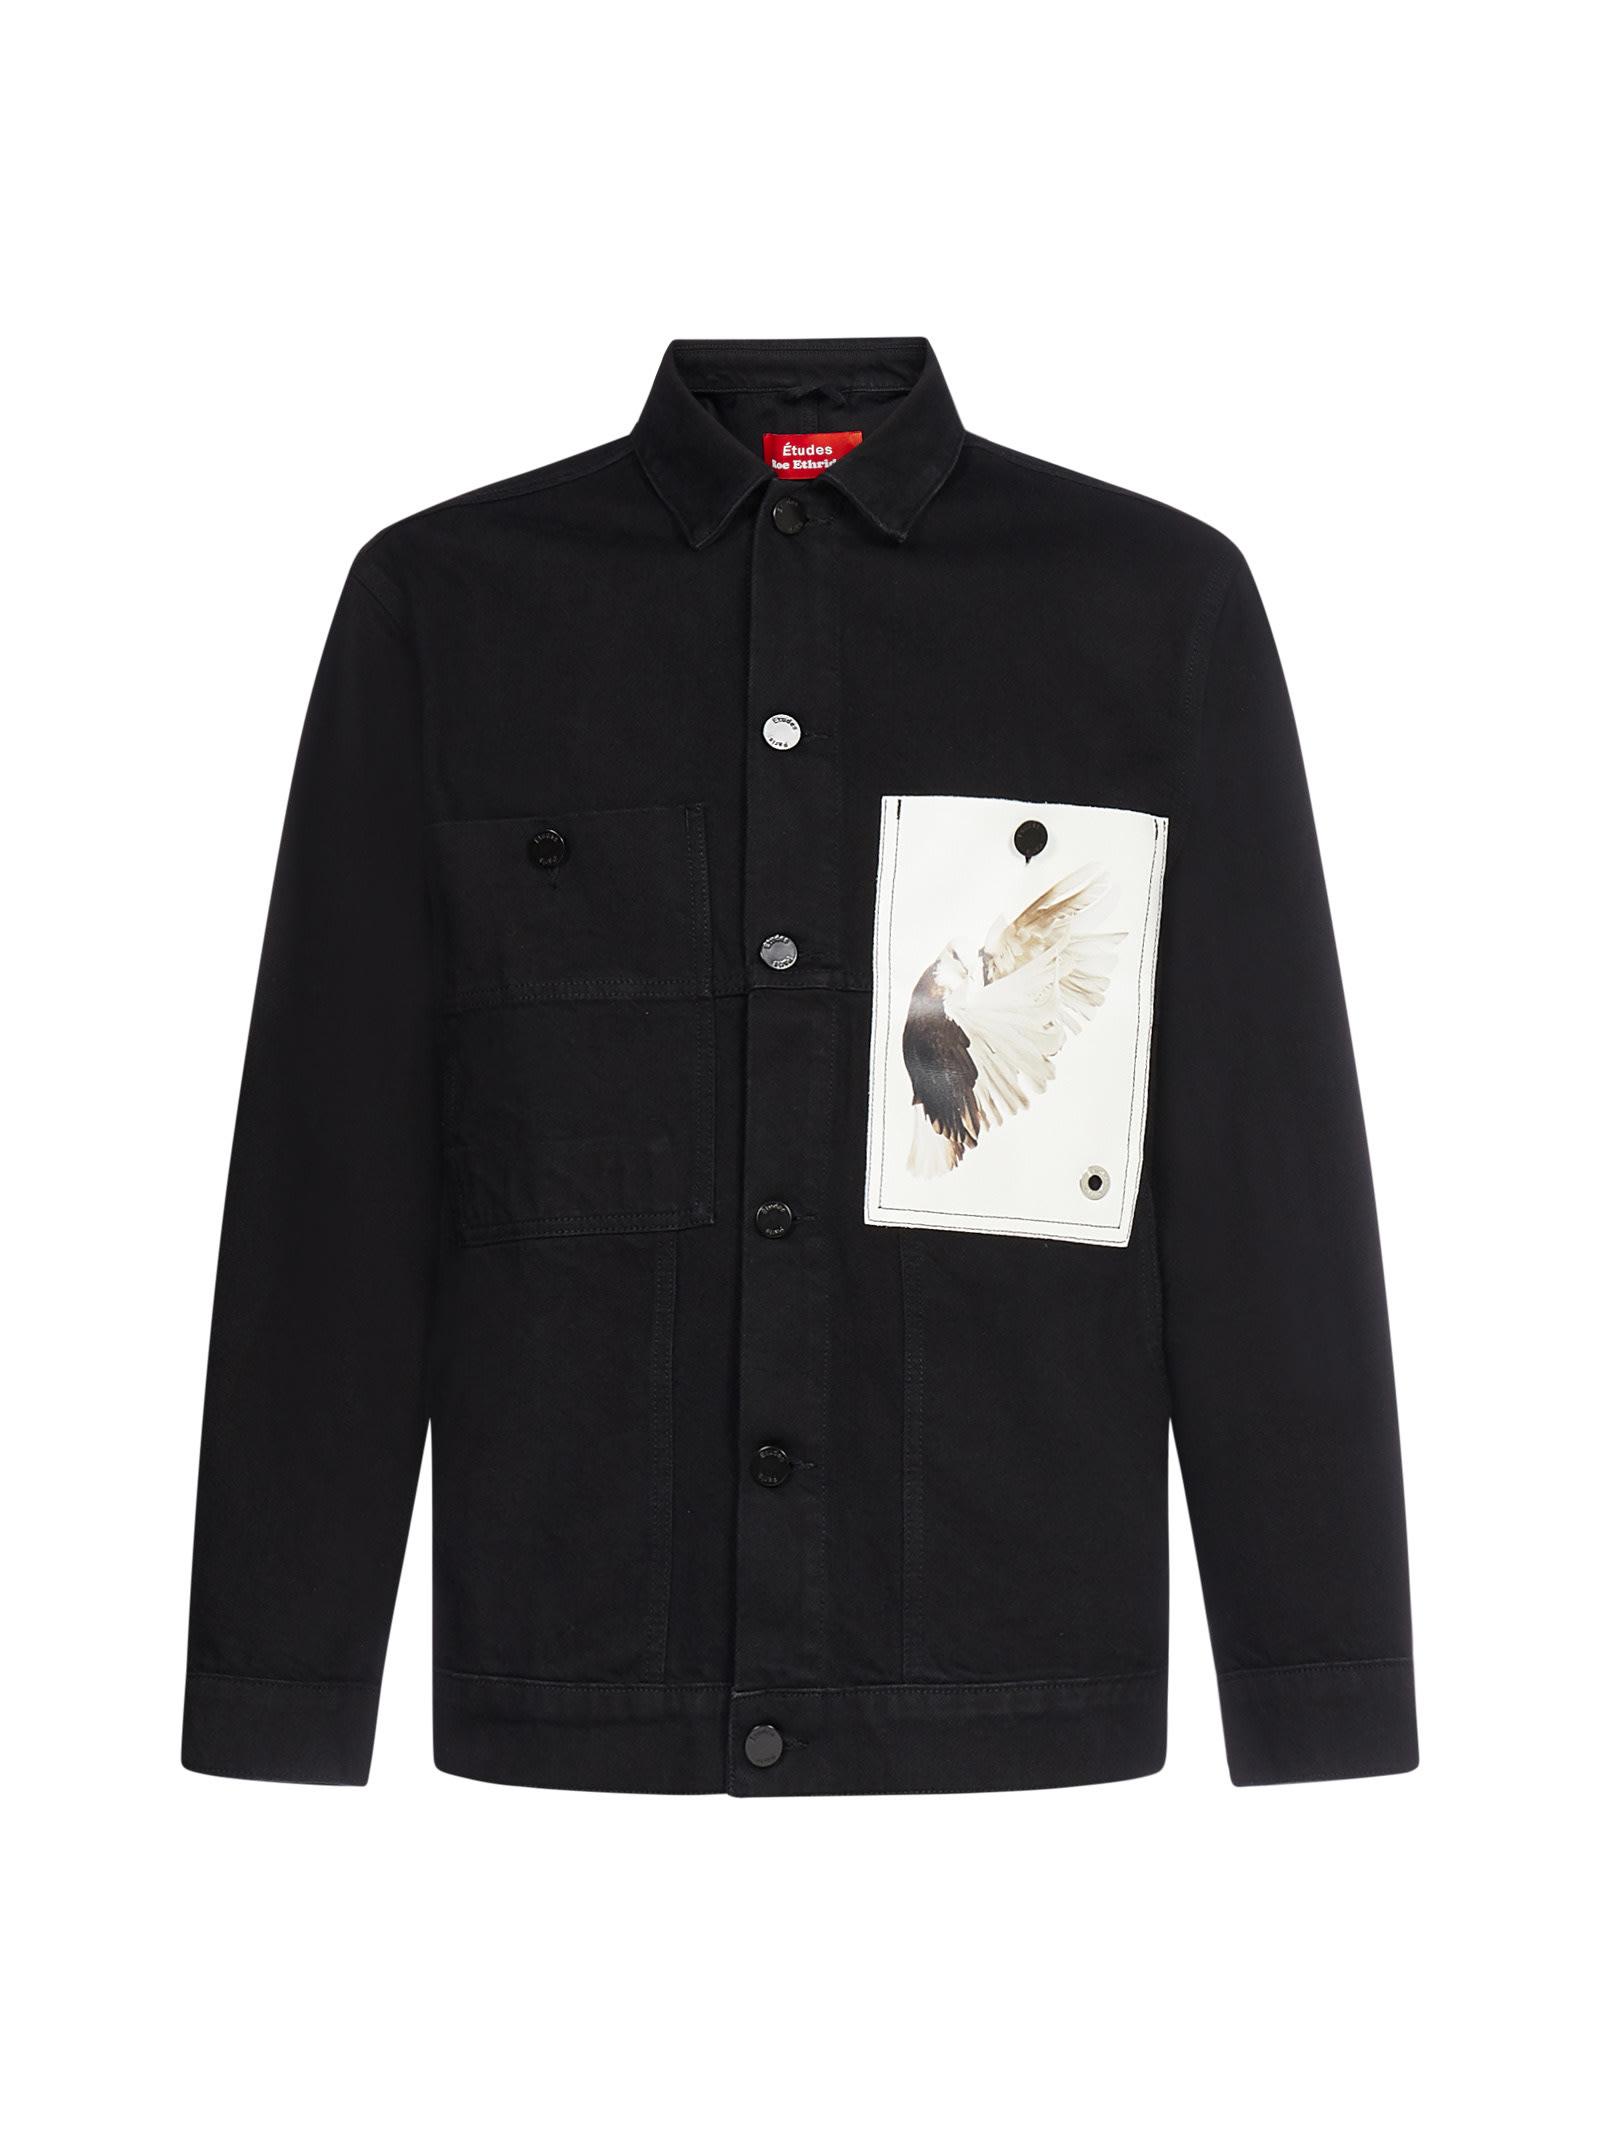 Etudes Studio Clothing JACKET